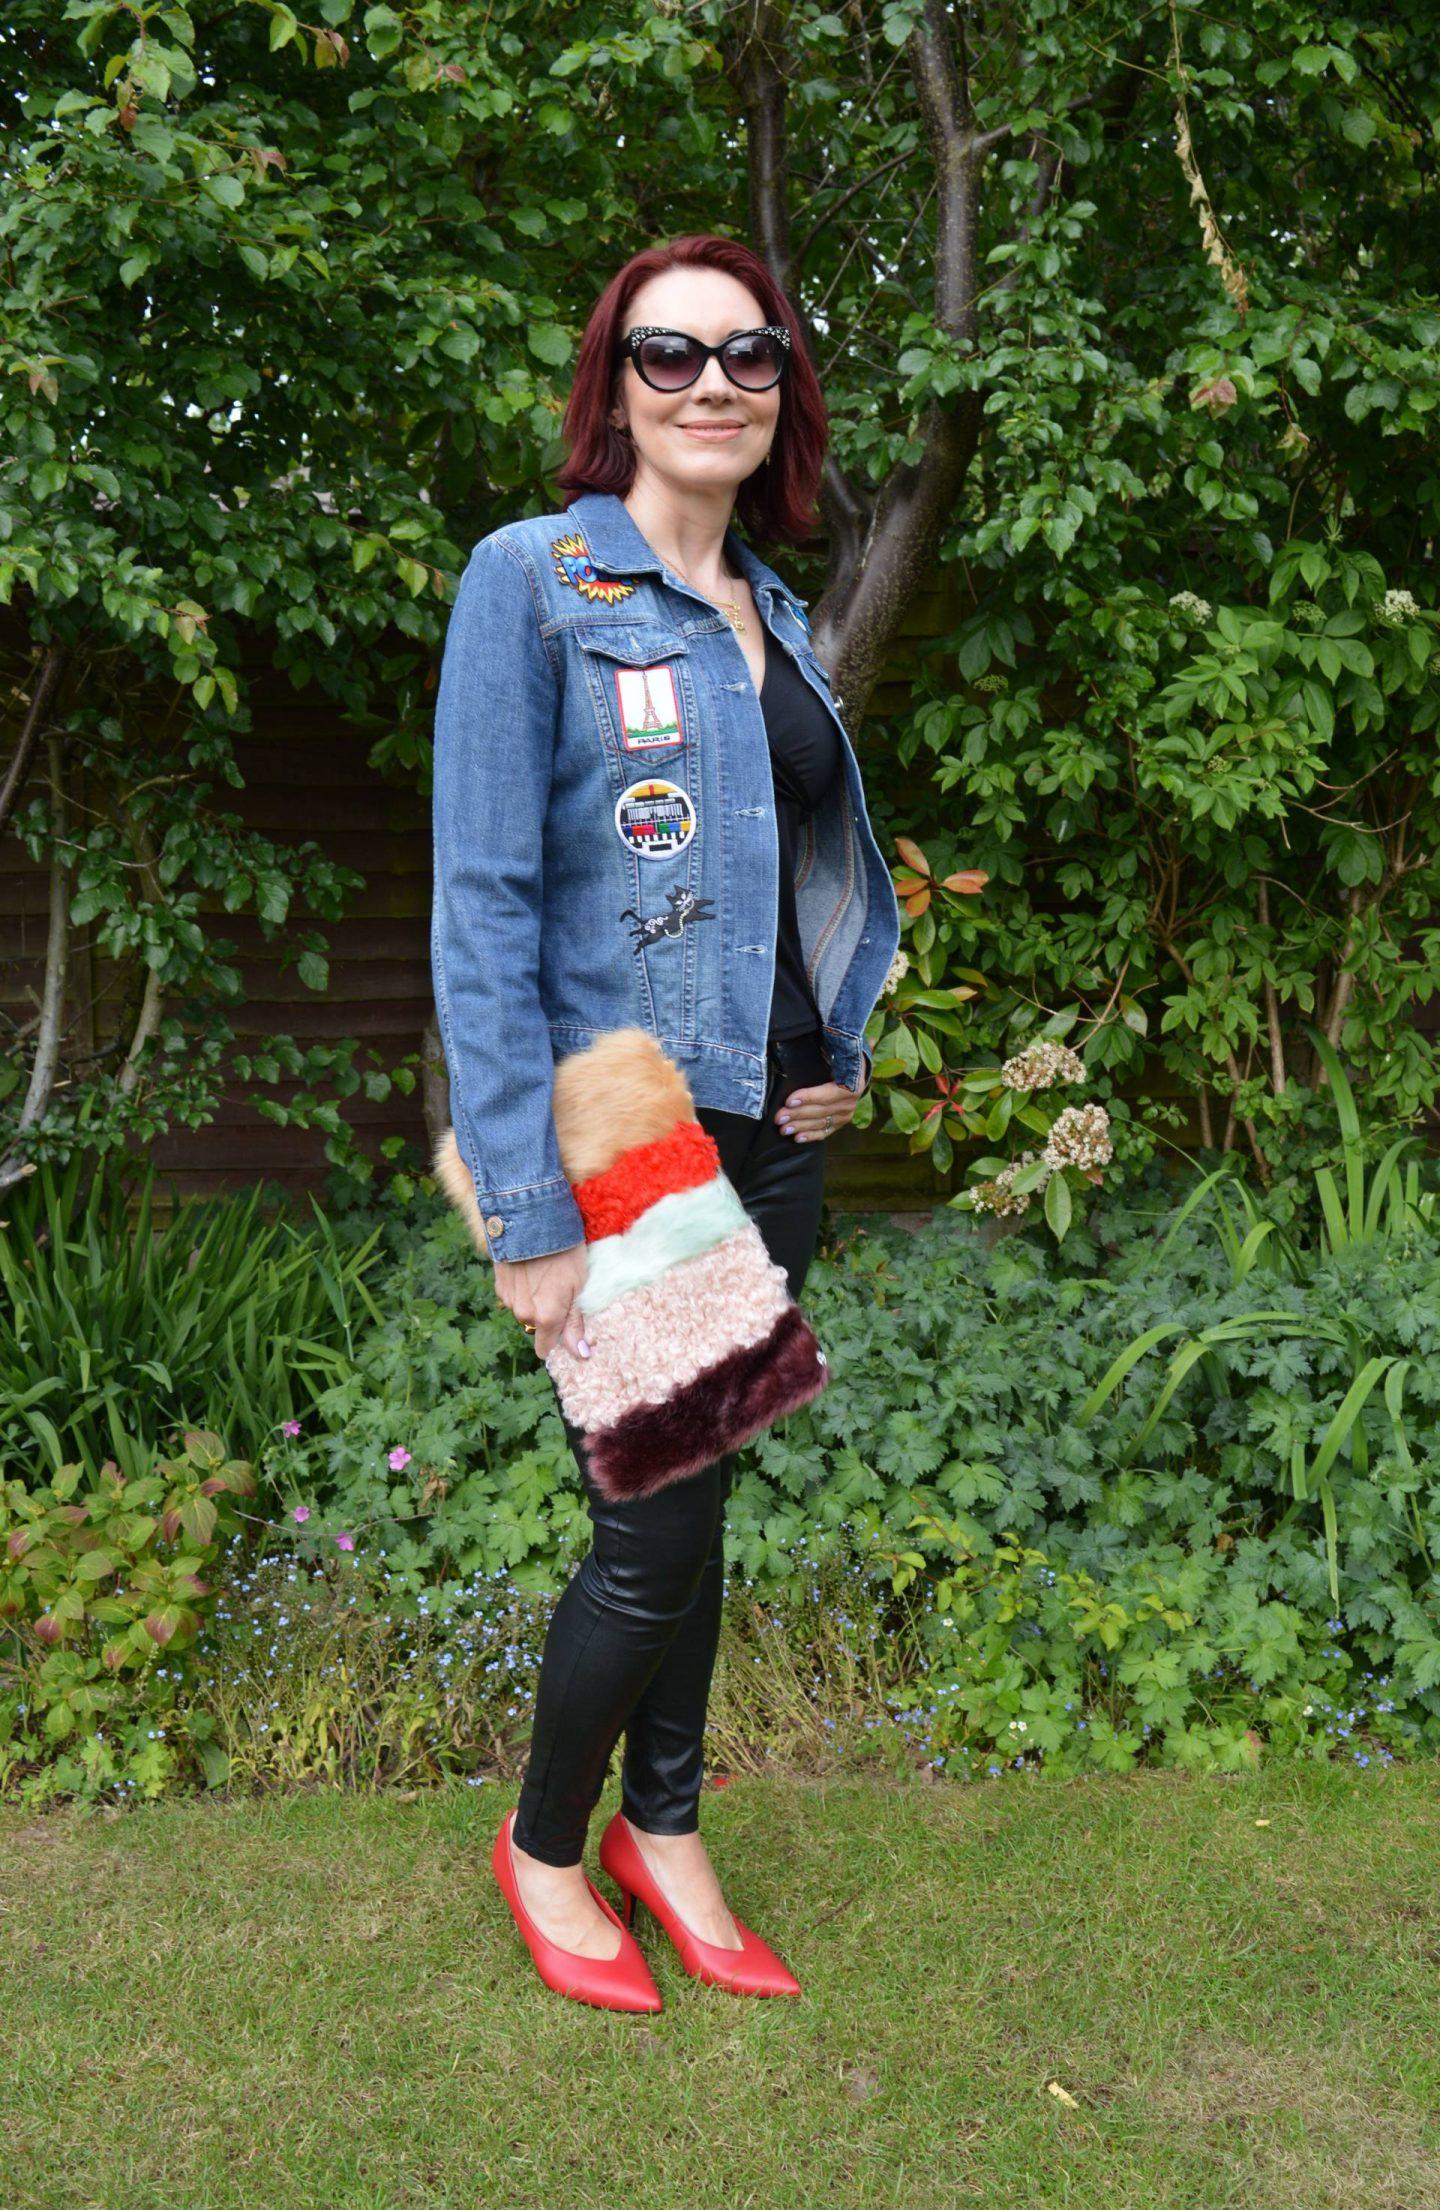 Style Not Age Recycled Fashion, DIY upcycled denim jacket